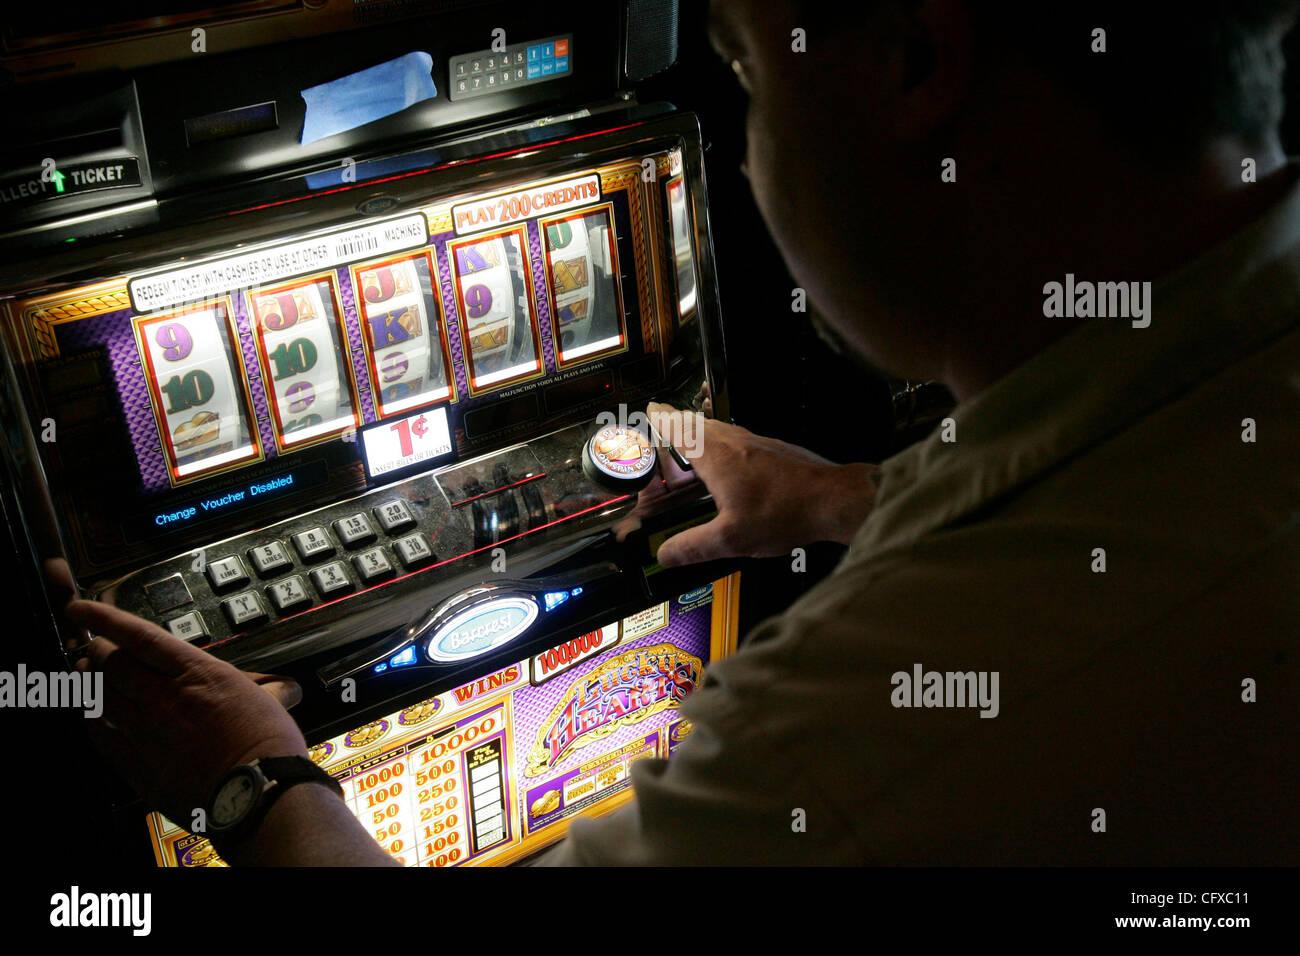 Norwegian cruise line casino games